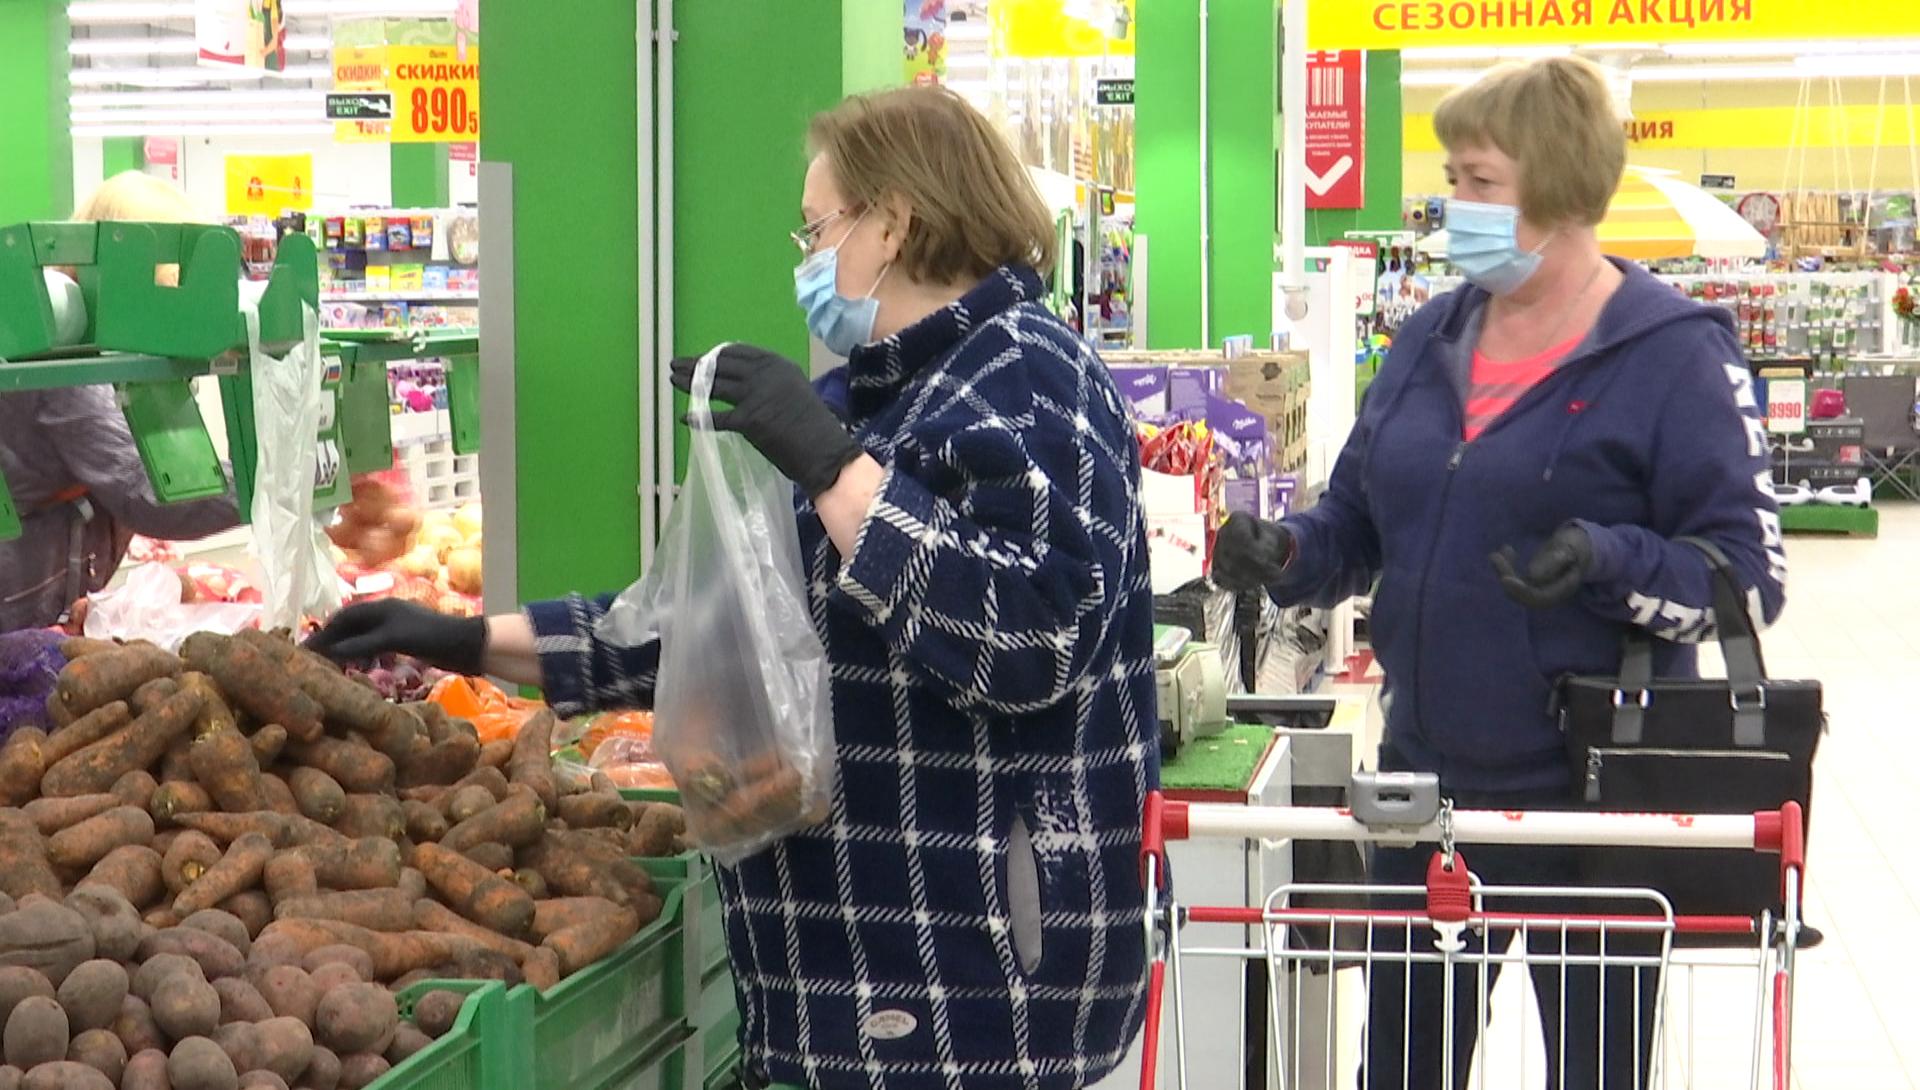 В Прикамье отмечен резкий рост цен на несколько категорий товаров